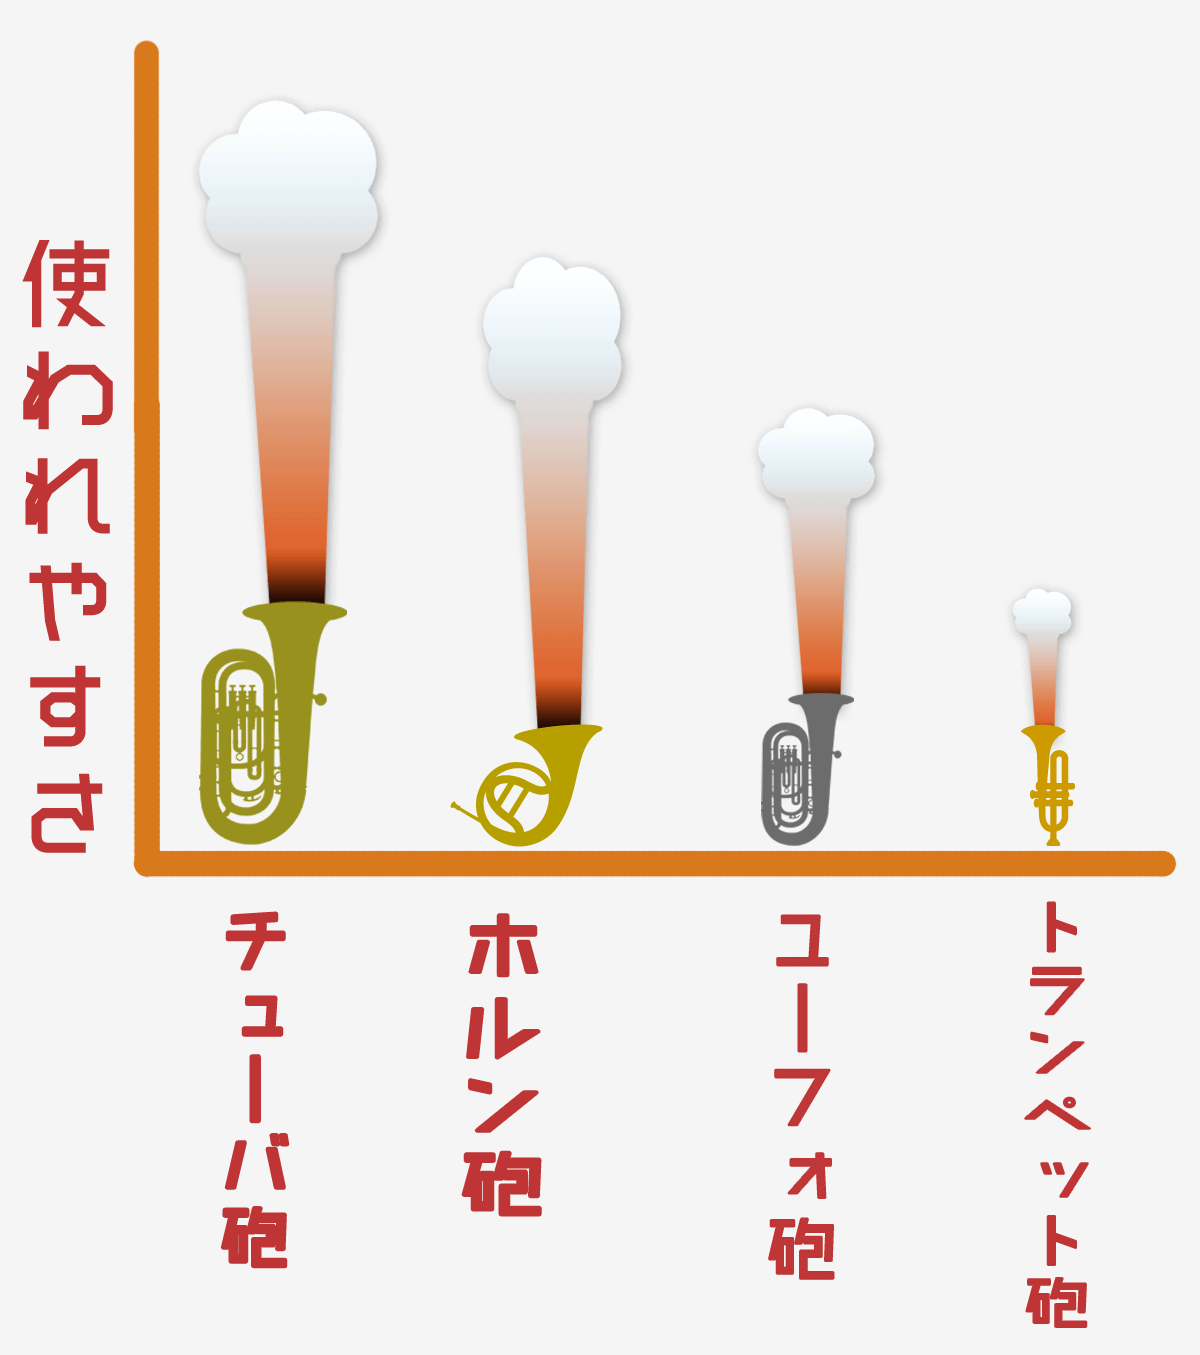 吹奏楽部グラフ7